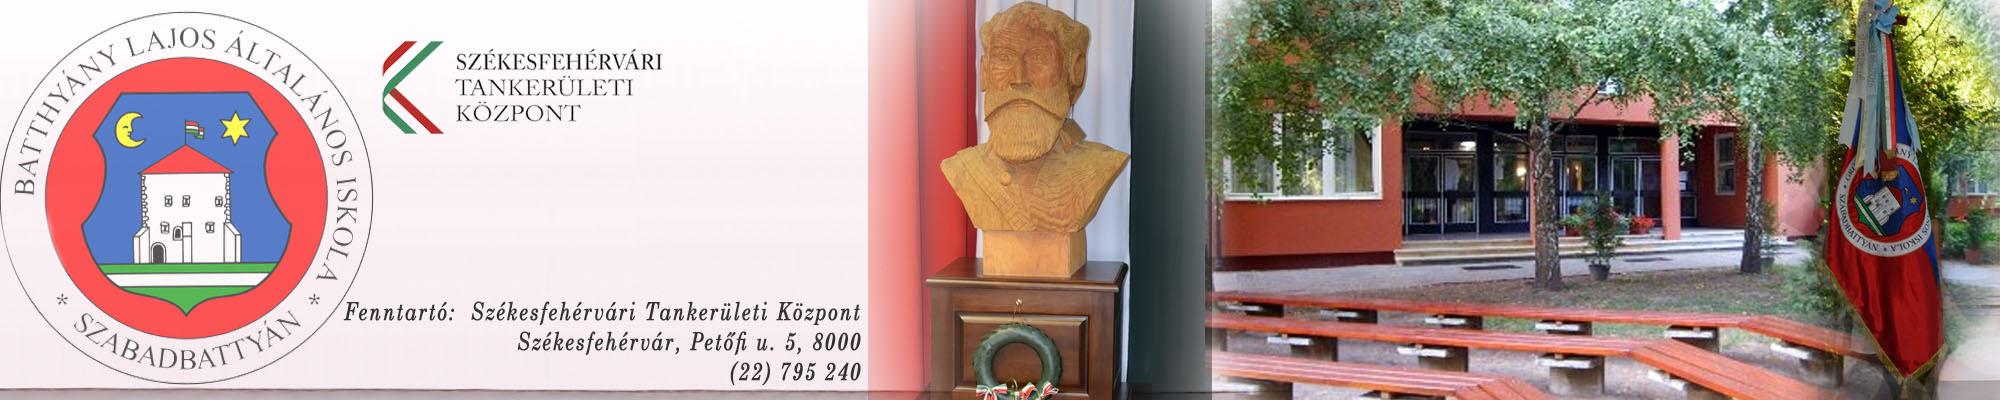 Batthyány Lajos Általános Iskola